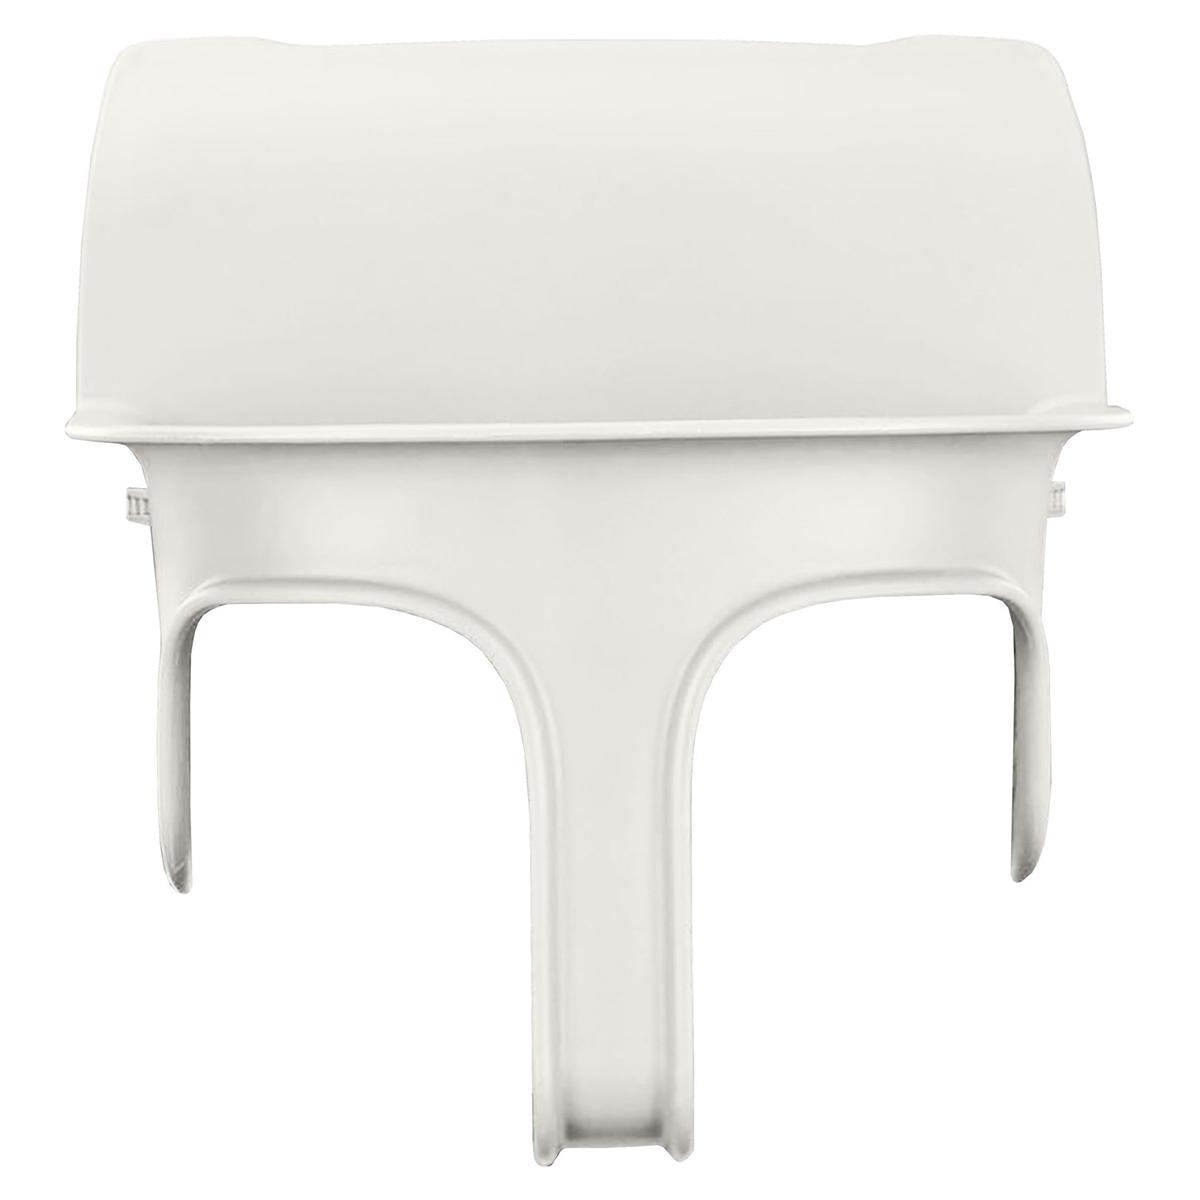 Chaise haute Set Bébé Lemo 2 - Porcelaine White Set Bébé Lemo 2 - Porcelaine White